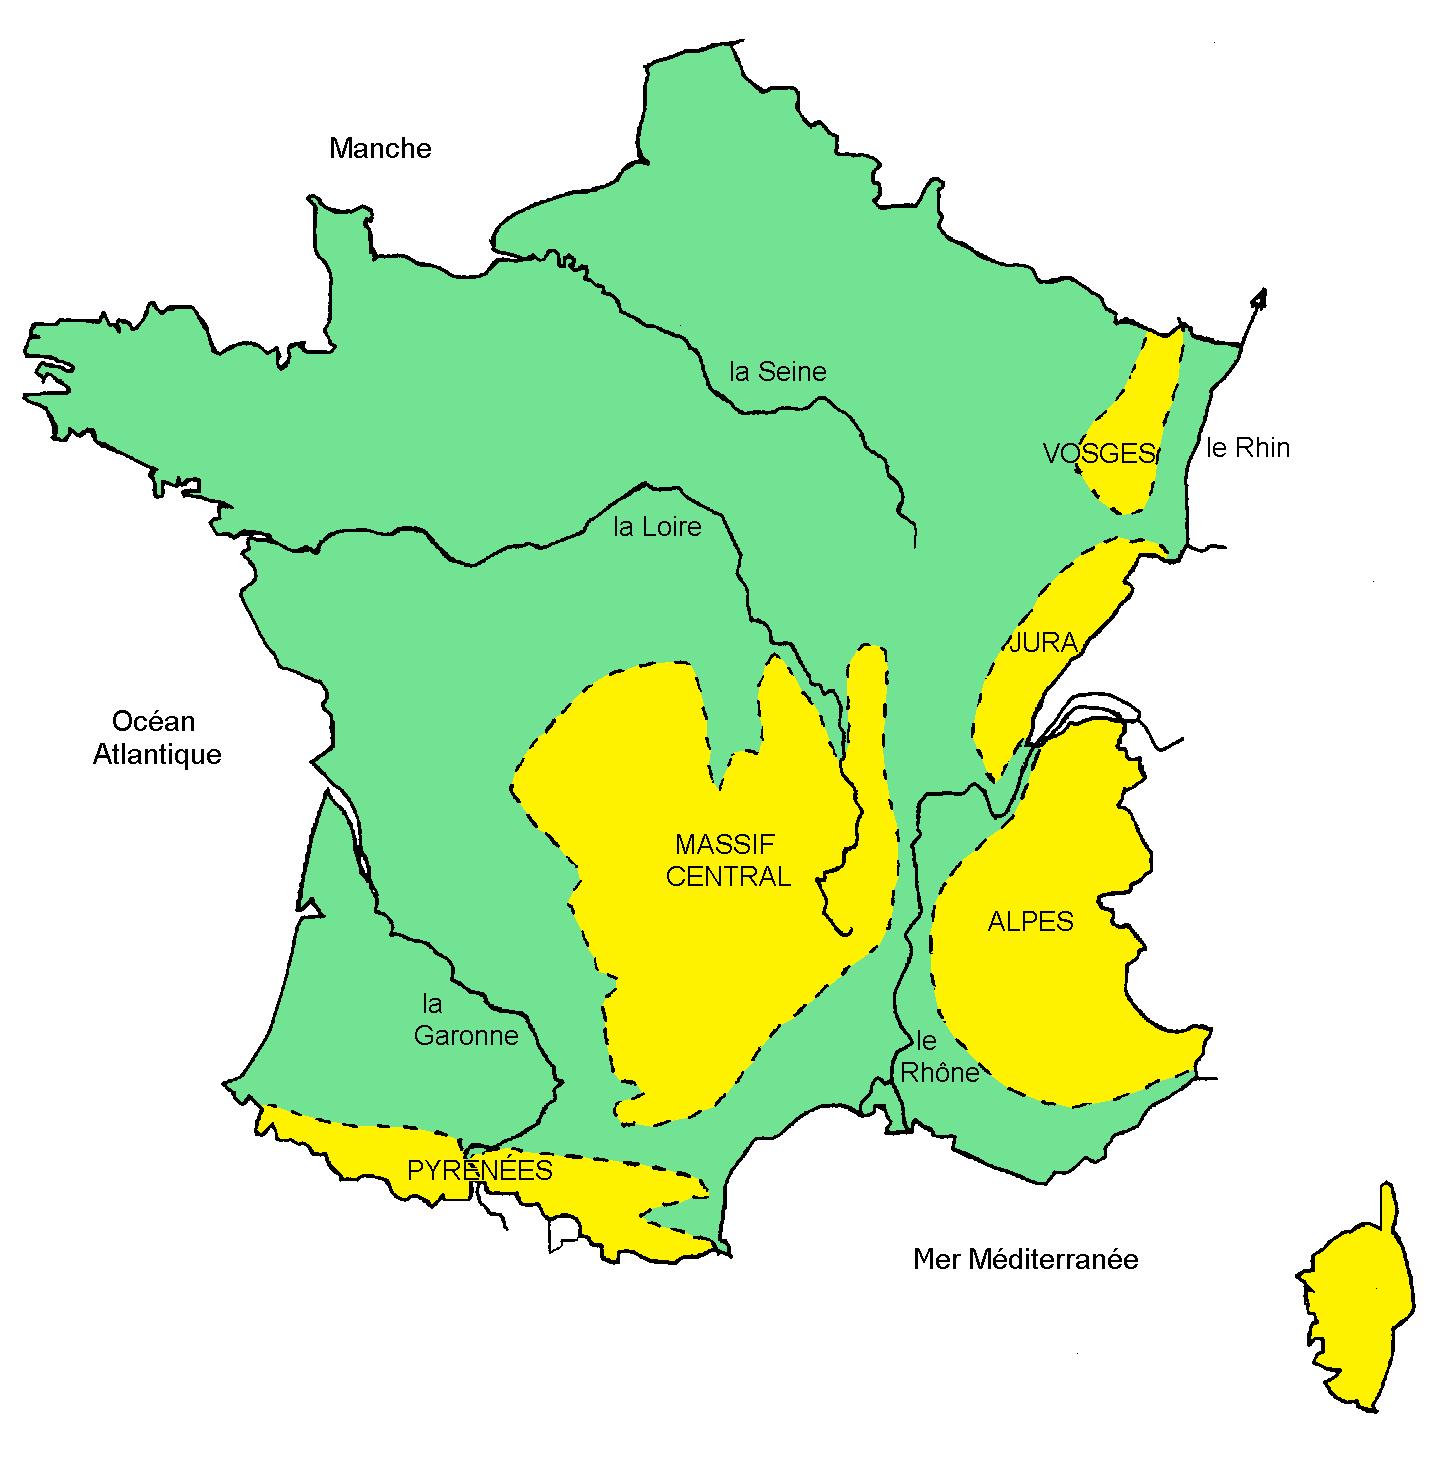 Télécharger Carte De France Fleuves Et Montagnes Vierge Pdf dedans Carte Des Fleuves En France